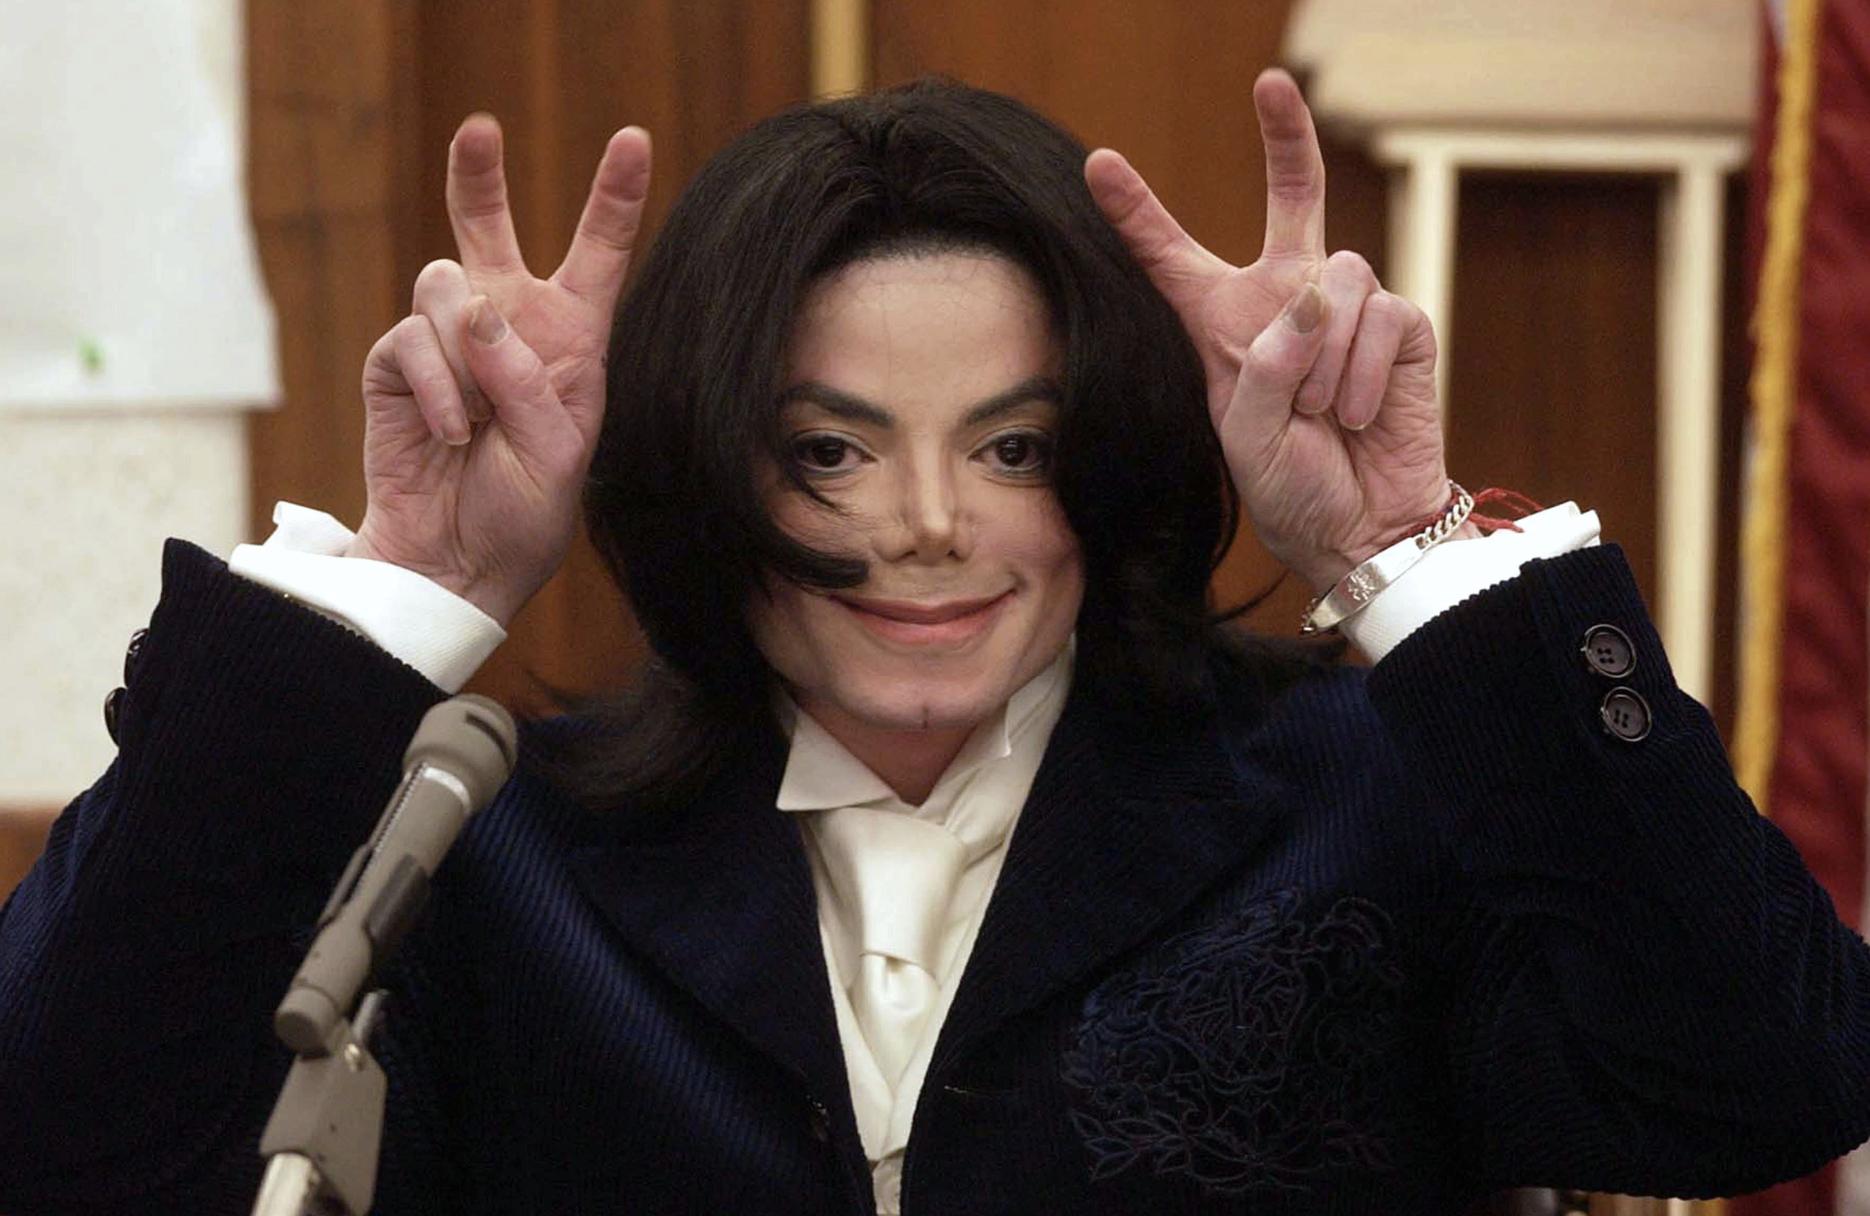 Michael Jackson Illuminati